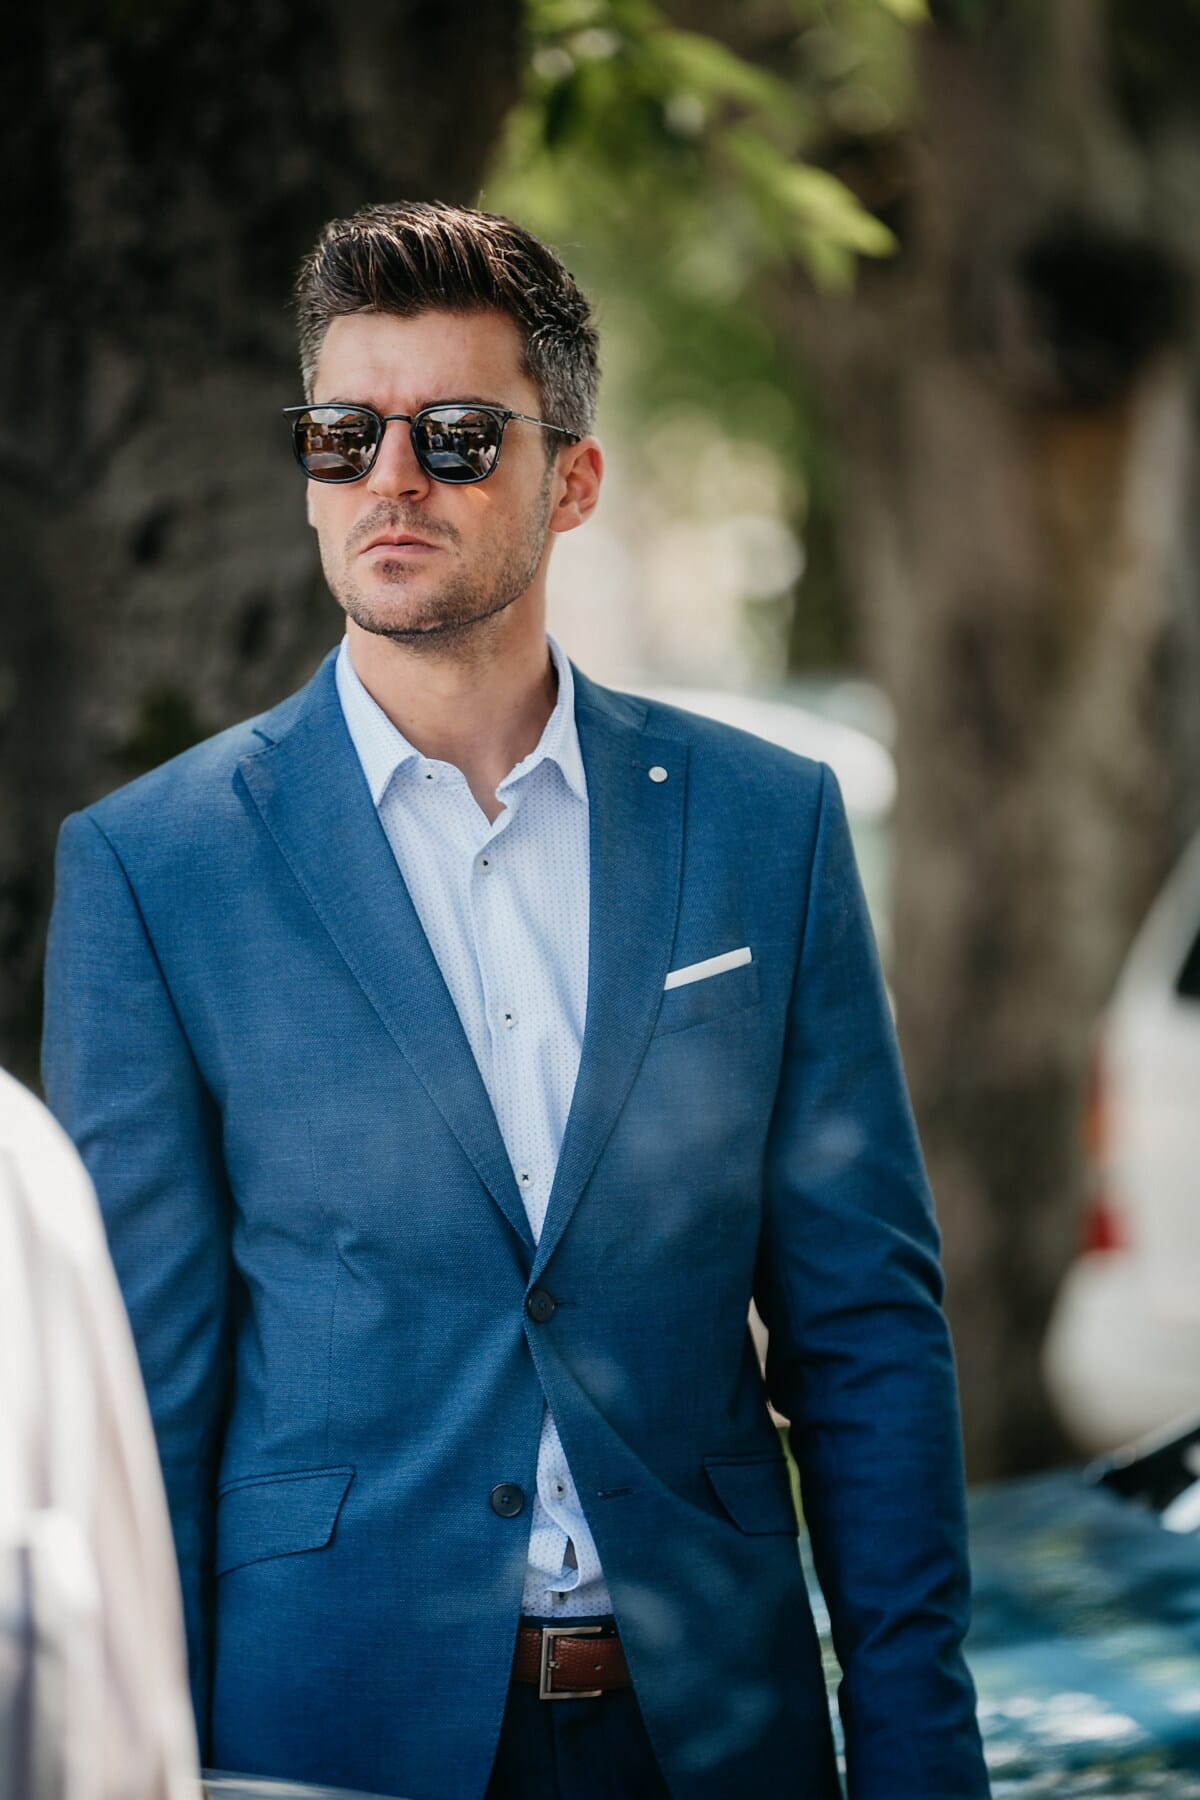 homme, debout, professionnel, Gestionnaire, Smart, Portrait, homme d'affaire, entreprise, exécutif, costume